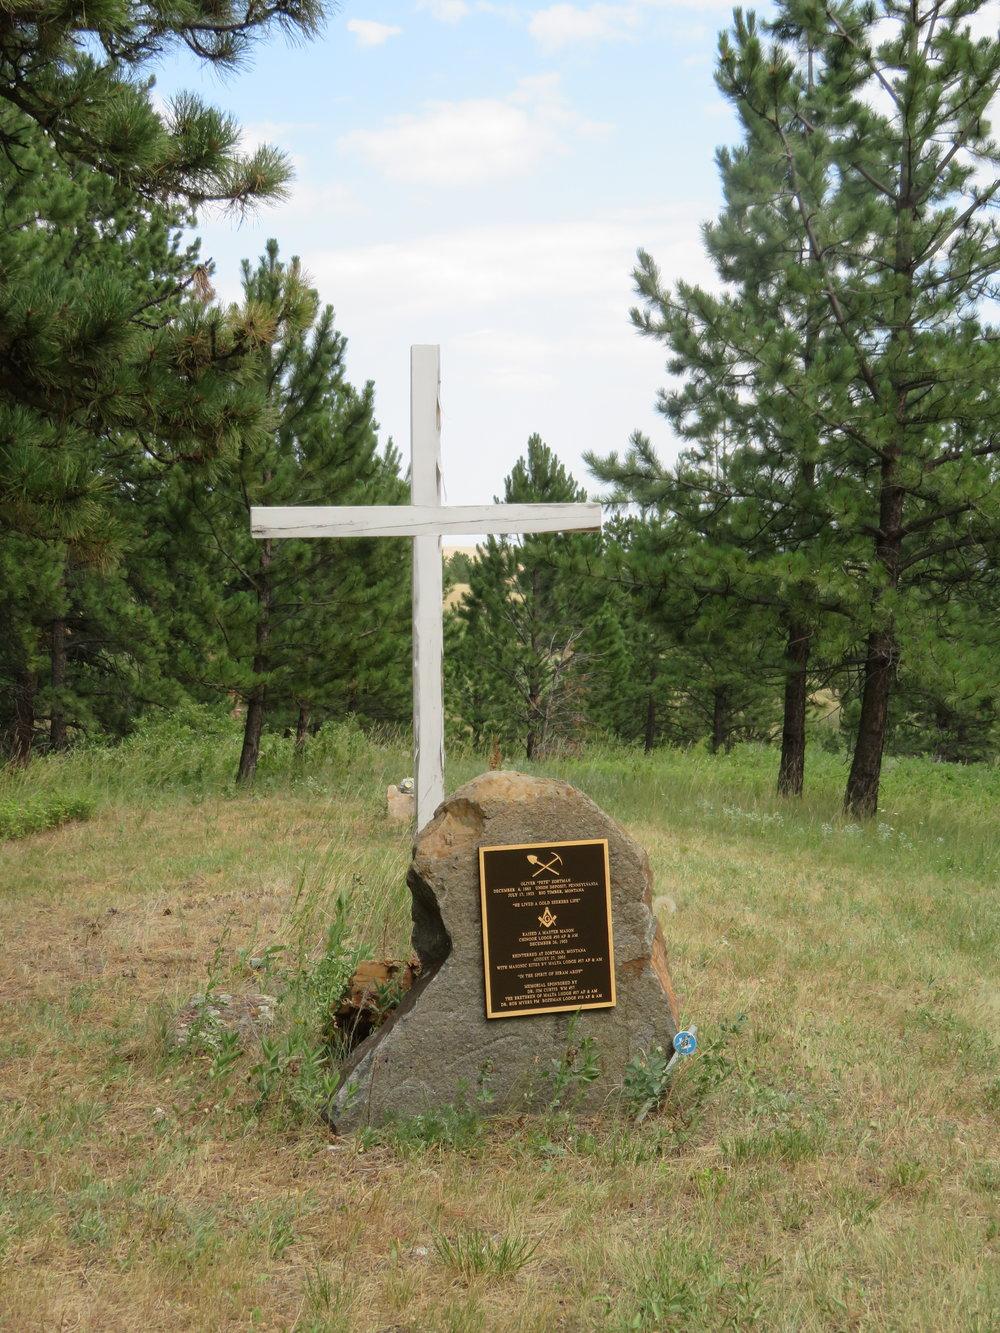 campcreek_pete zortman grave.JPG